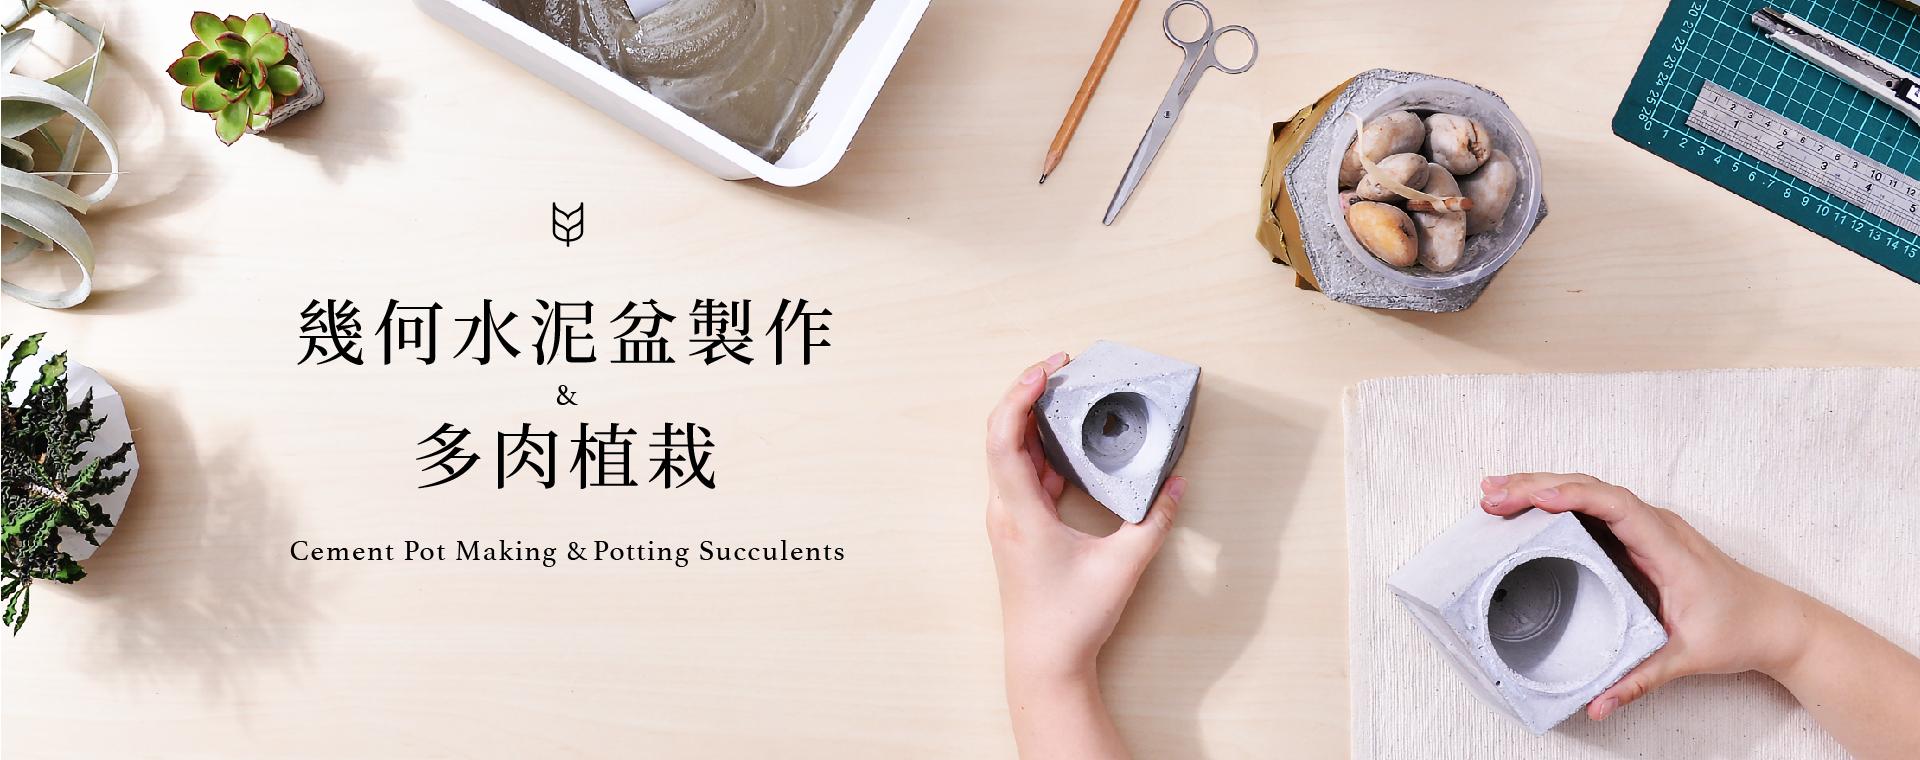 水泥盆製作課, 水泥盆DIY, 水泥模具製作教學,設計感水泥手作課程